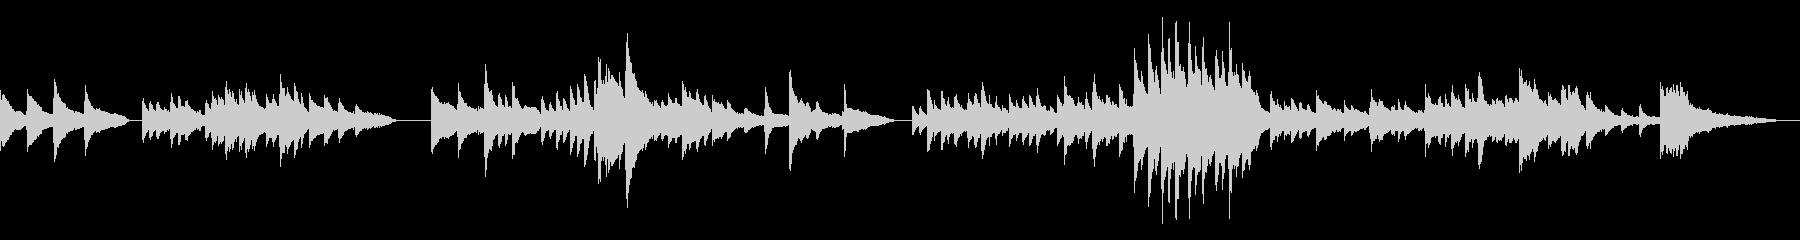 ピアノ曲です。の未再生の波形